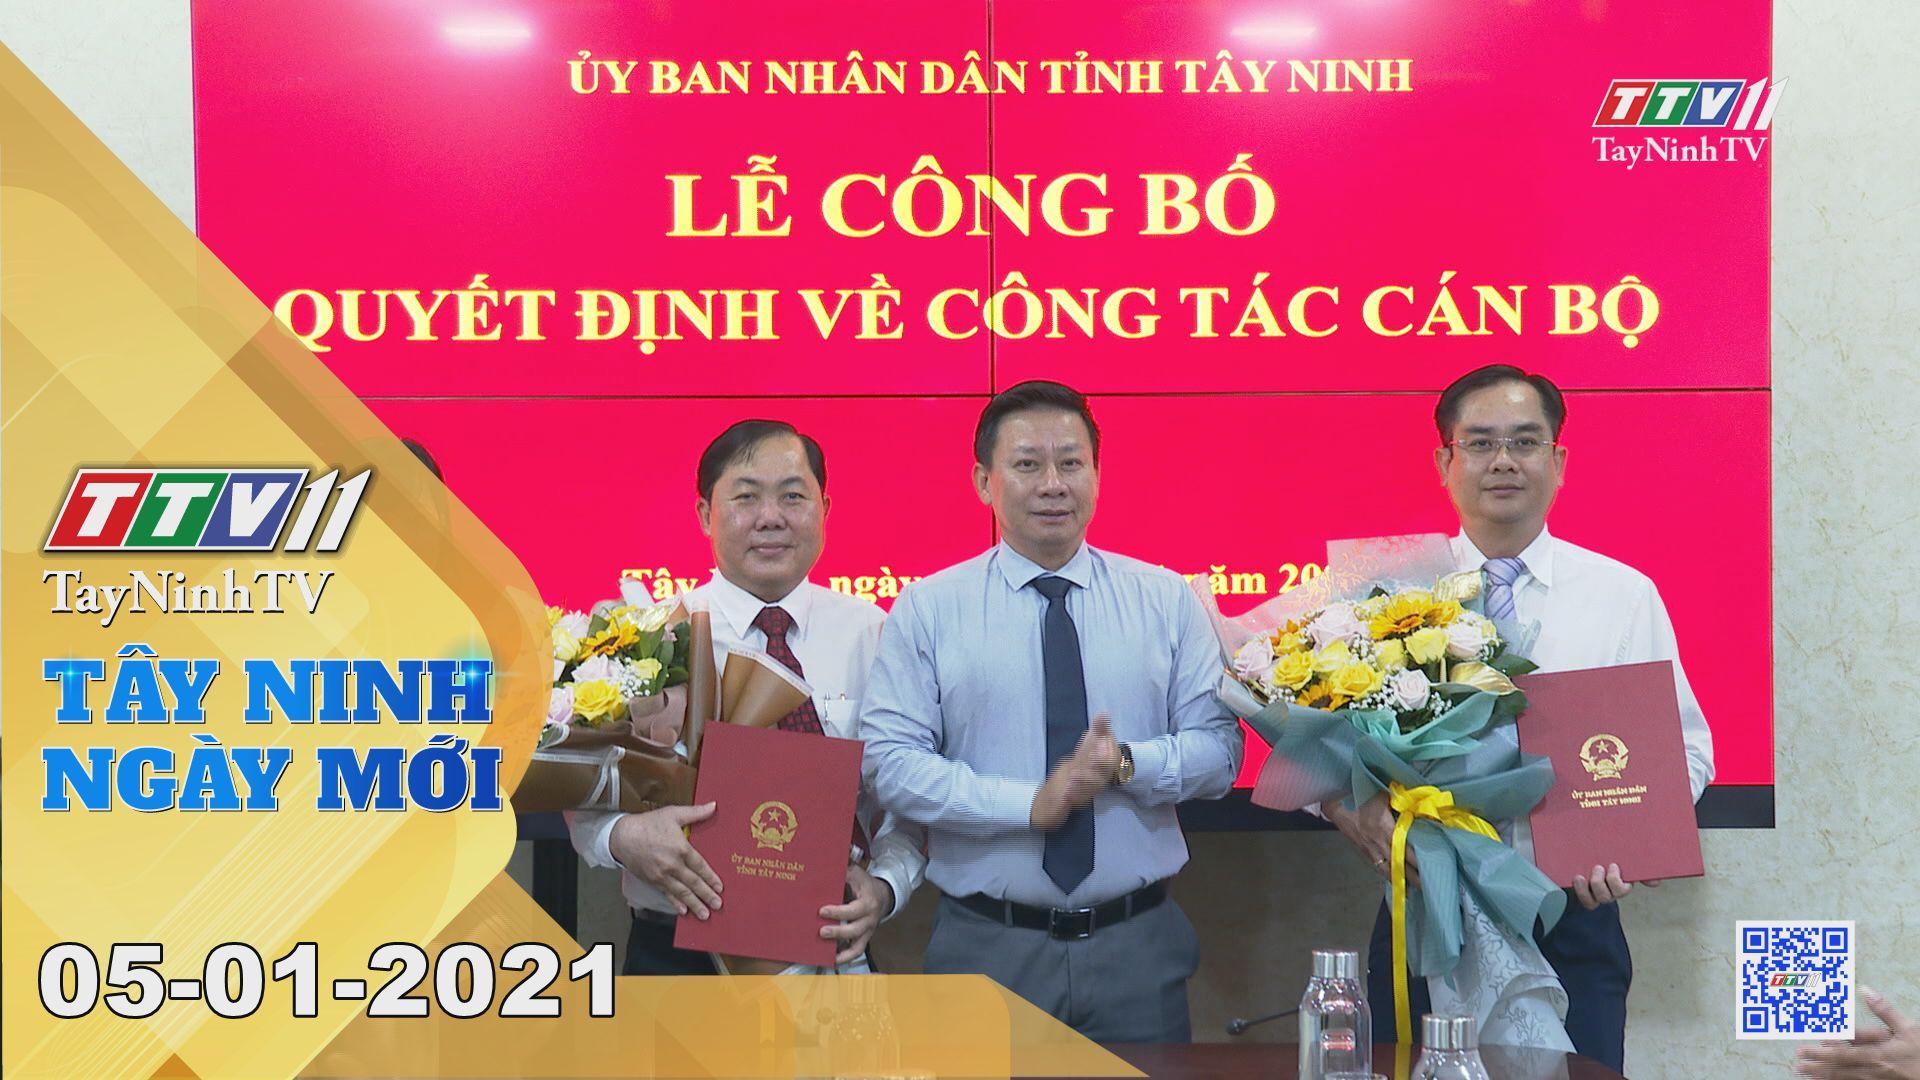 Tây Ninh Ngày Mới 05-01-2021 | Tin tức hôm nay | TayNinhTV